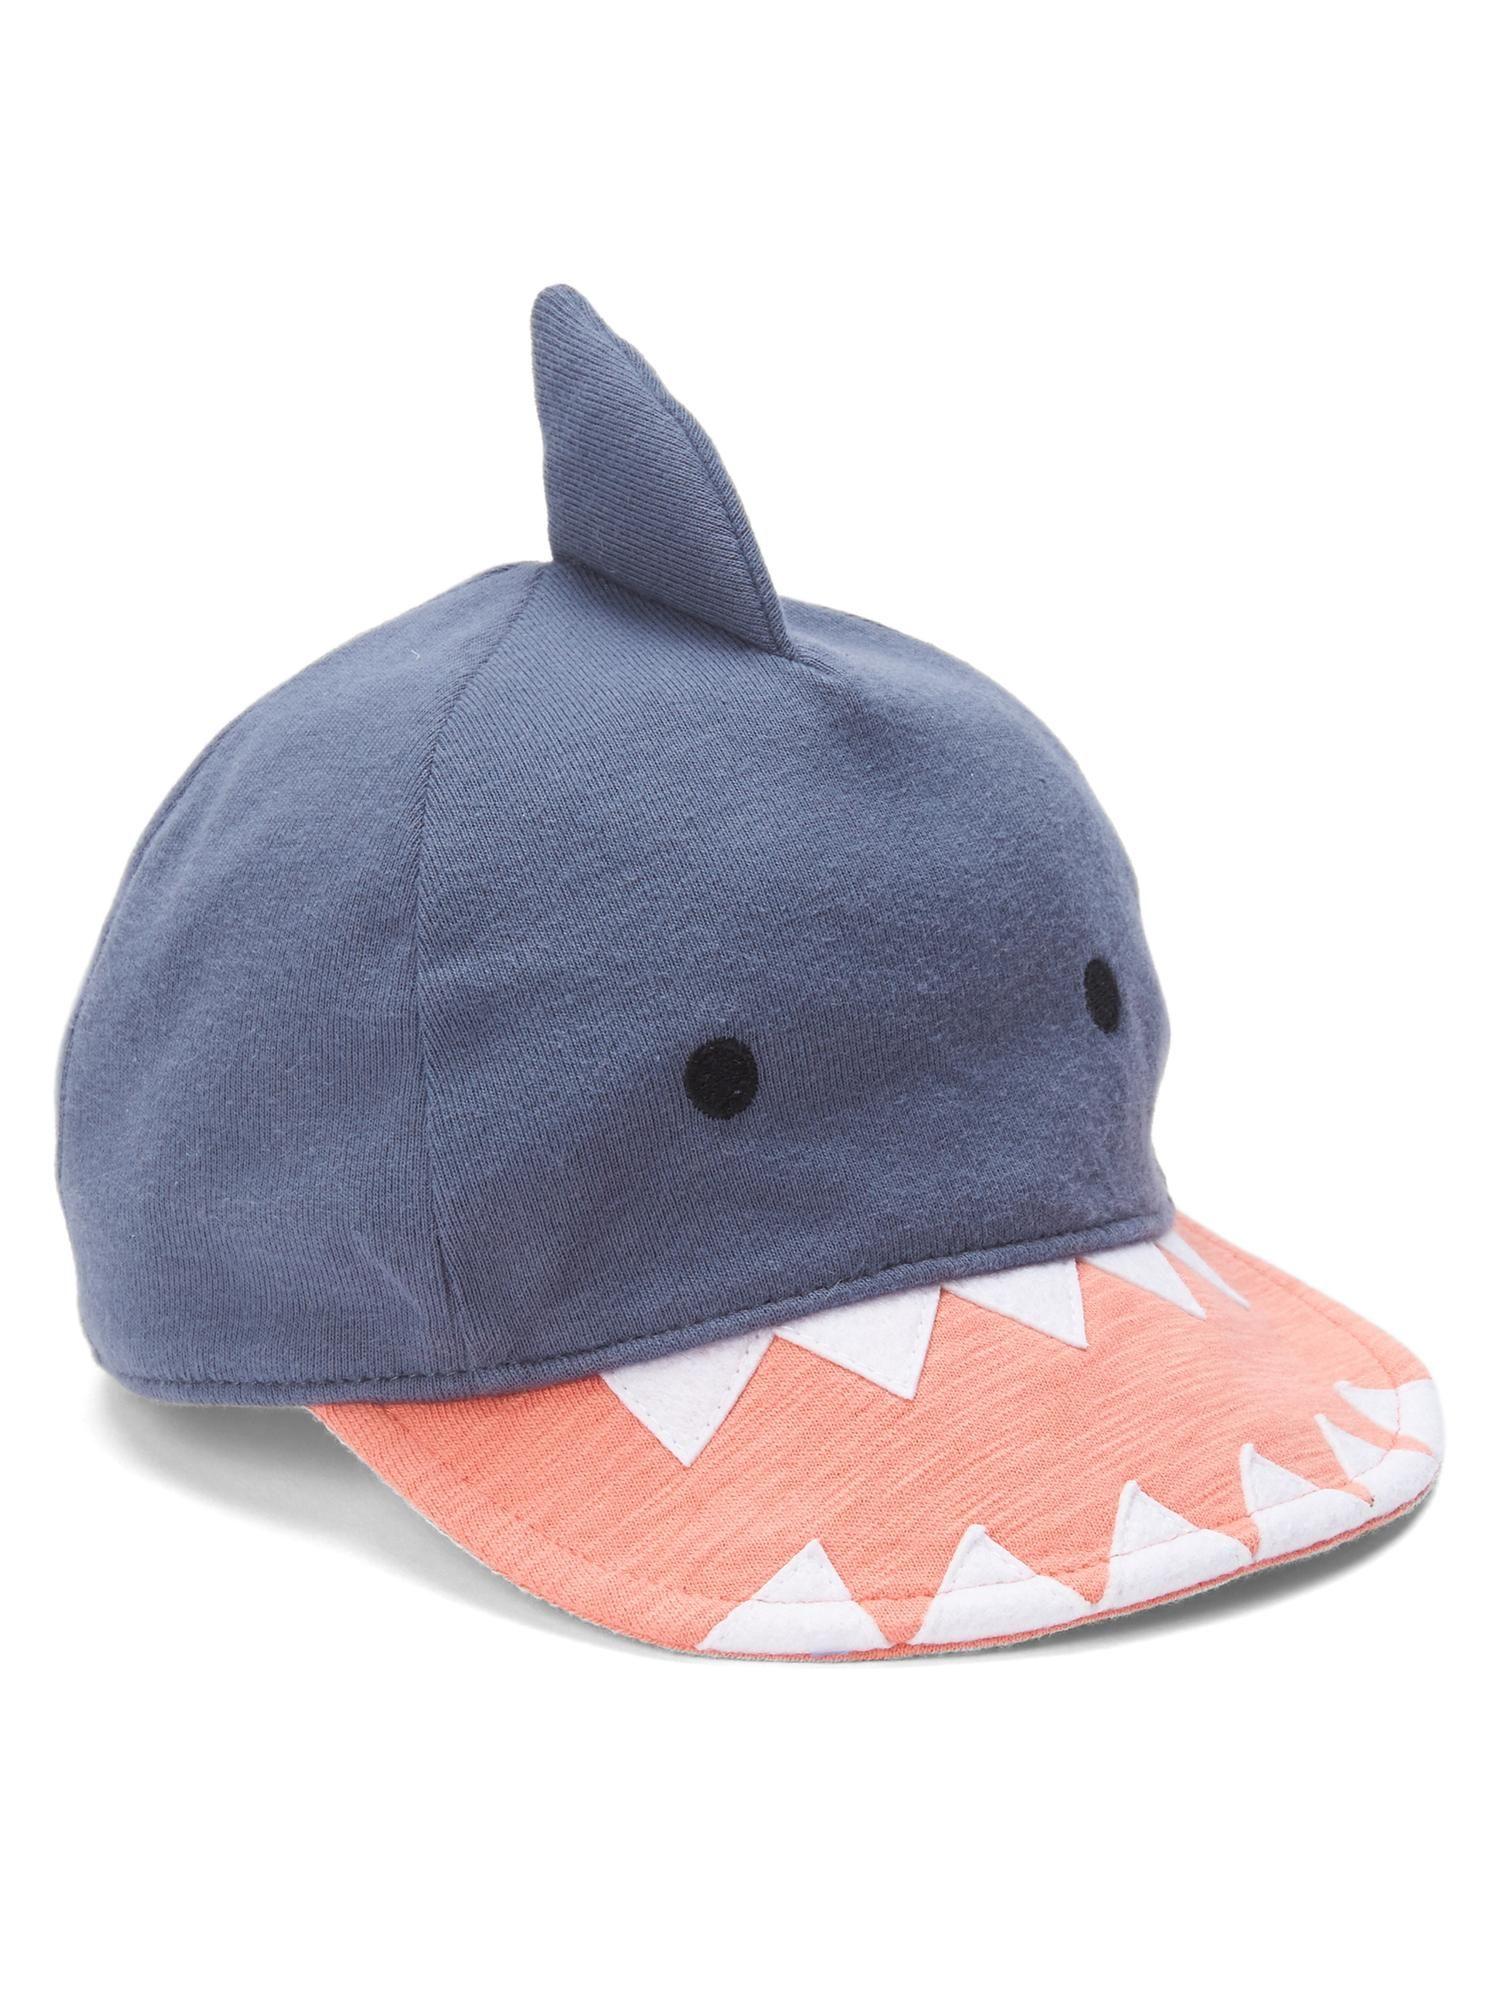 6ebb830f268 Shark baseball hat